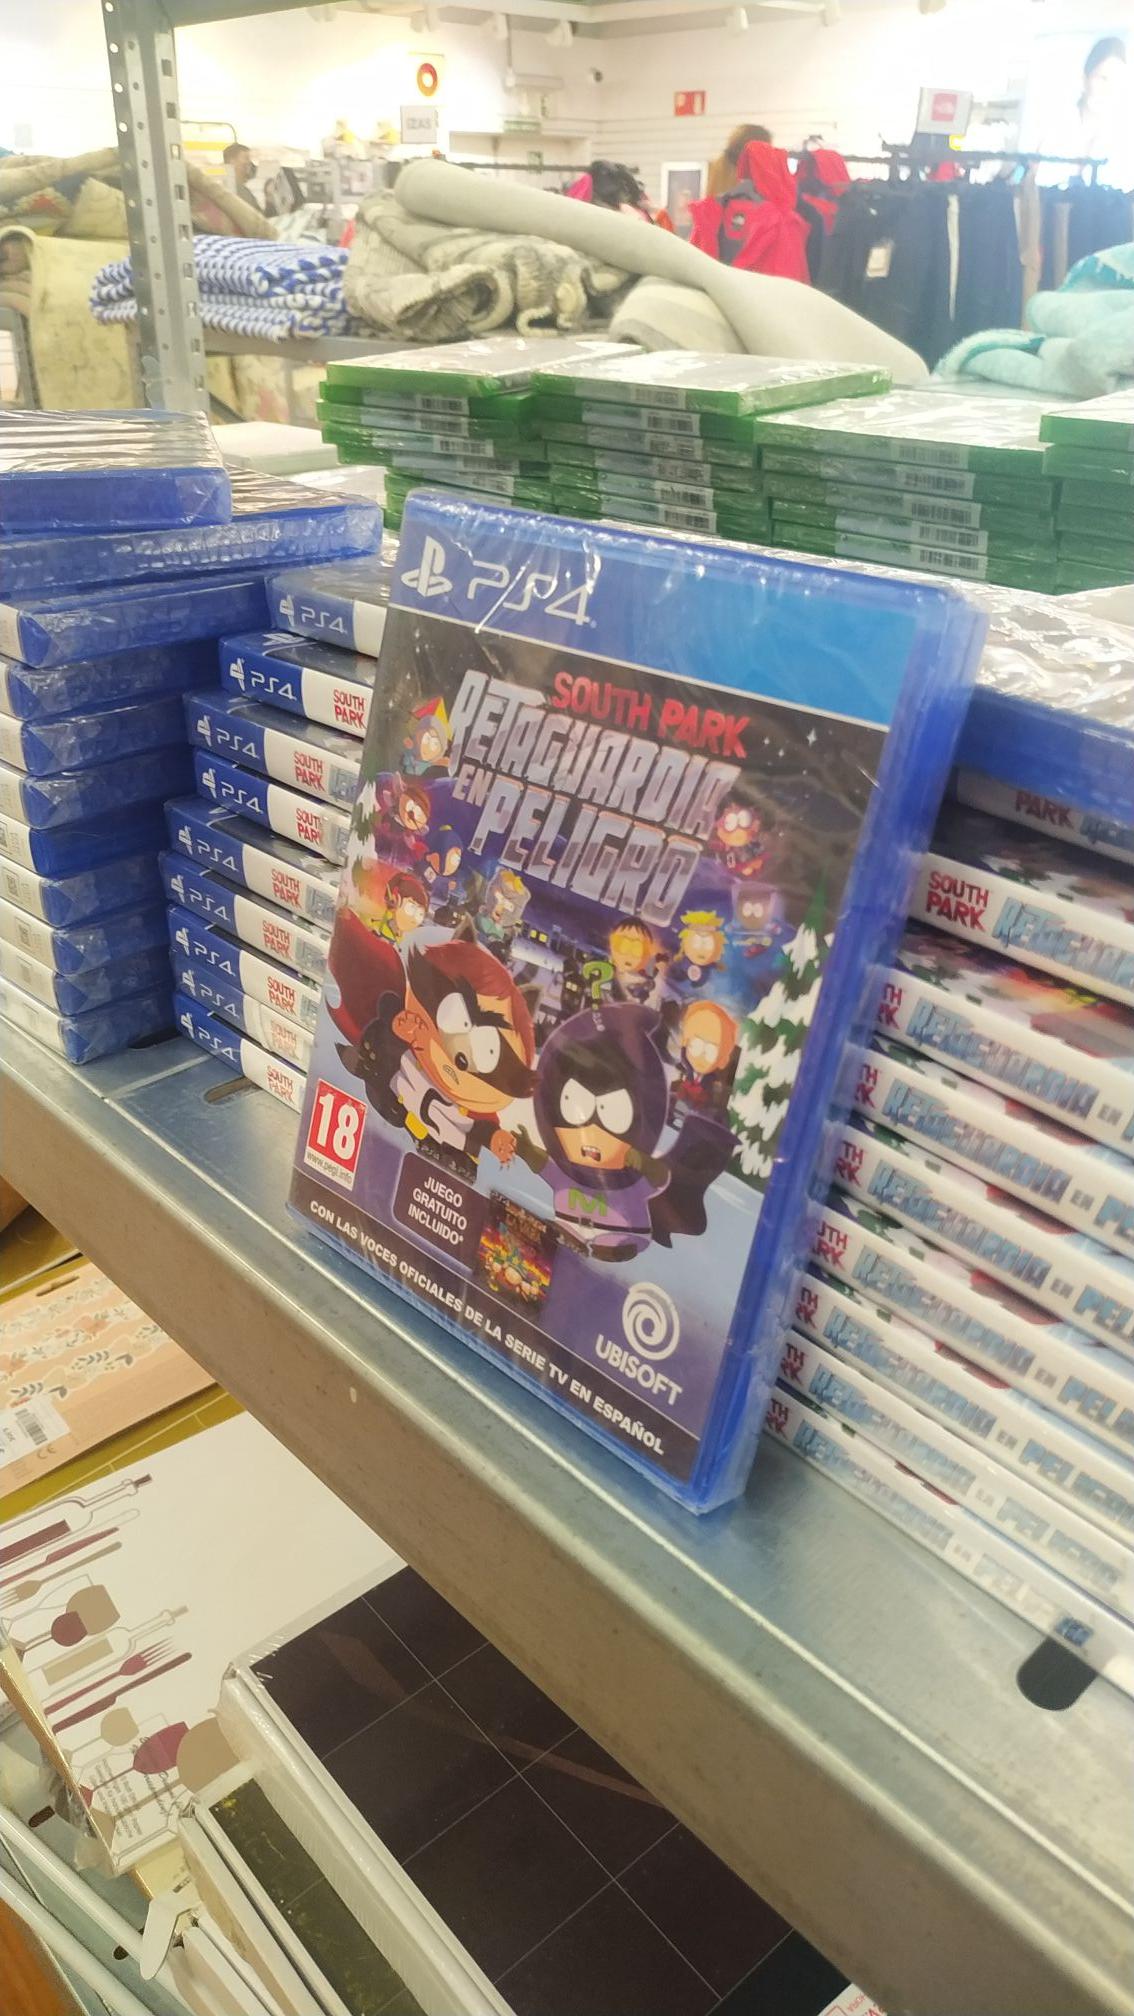 South Park La Retaguardia En Peligro PS4 (+ South Park La Vara de la Verdad) //Outlet el corte inglés